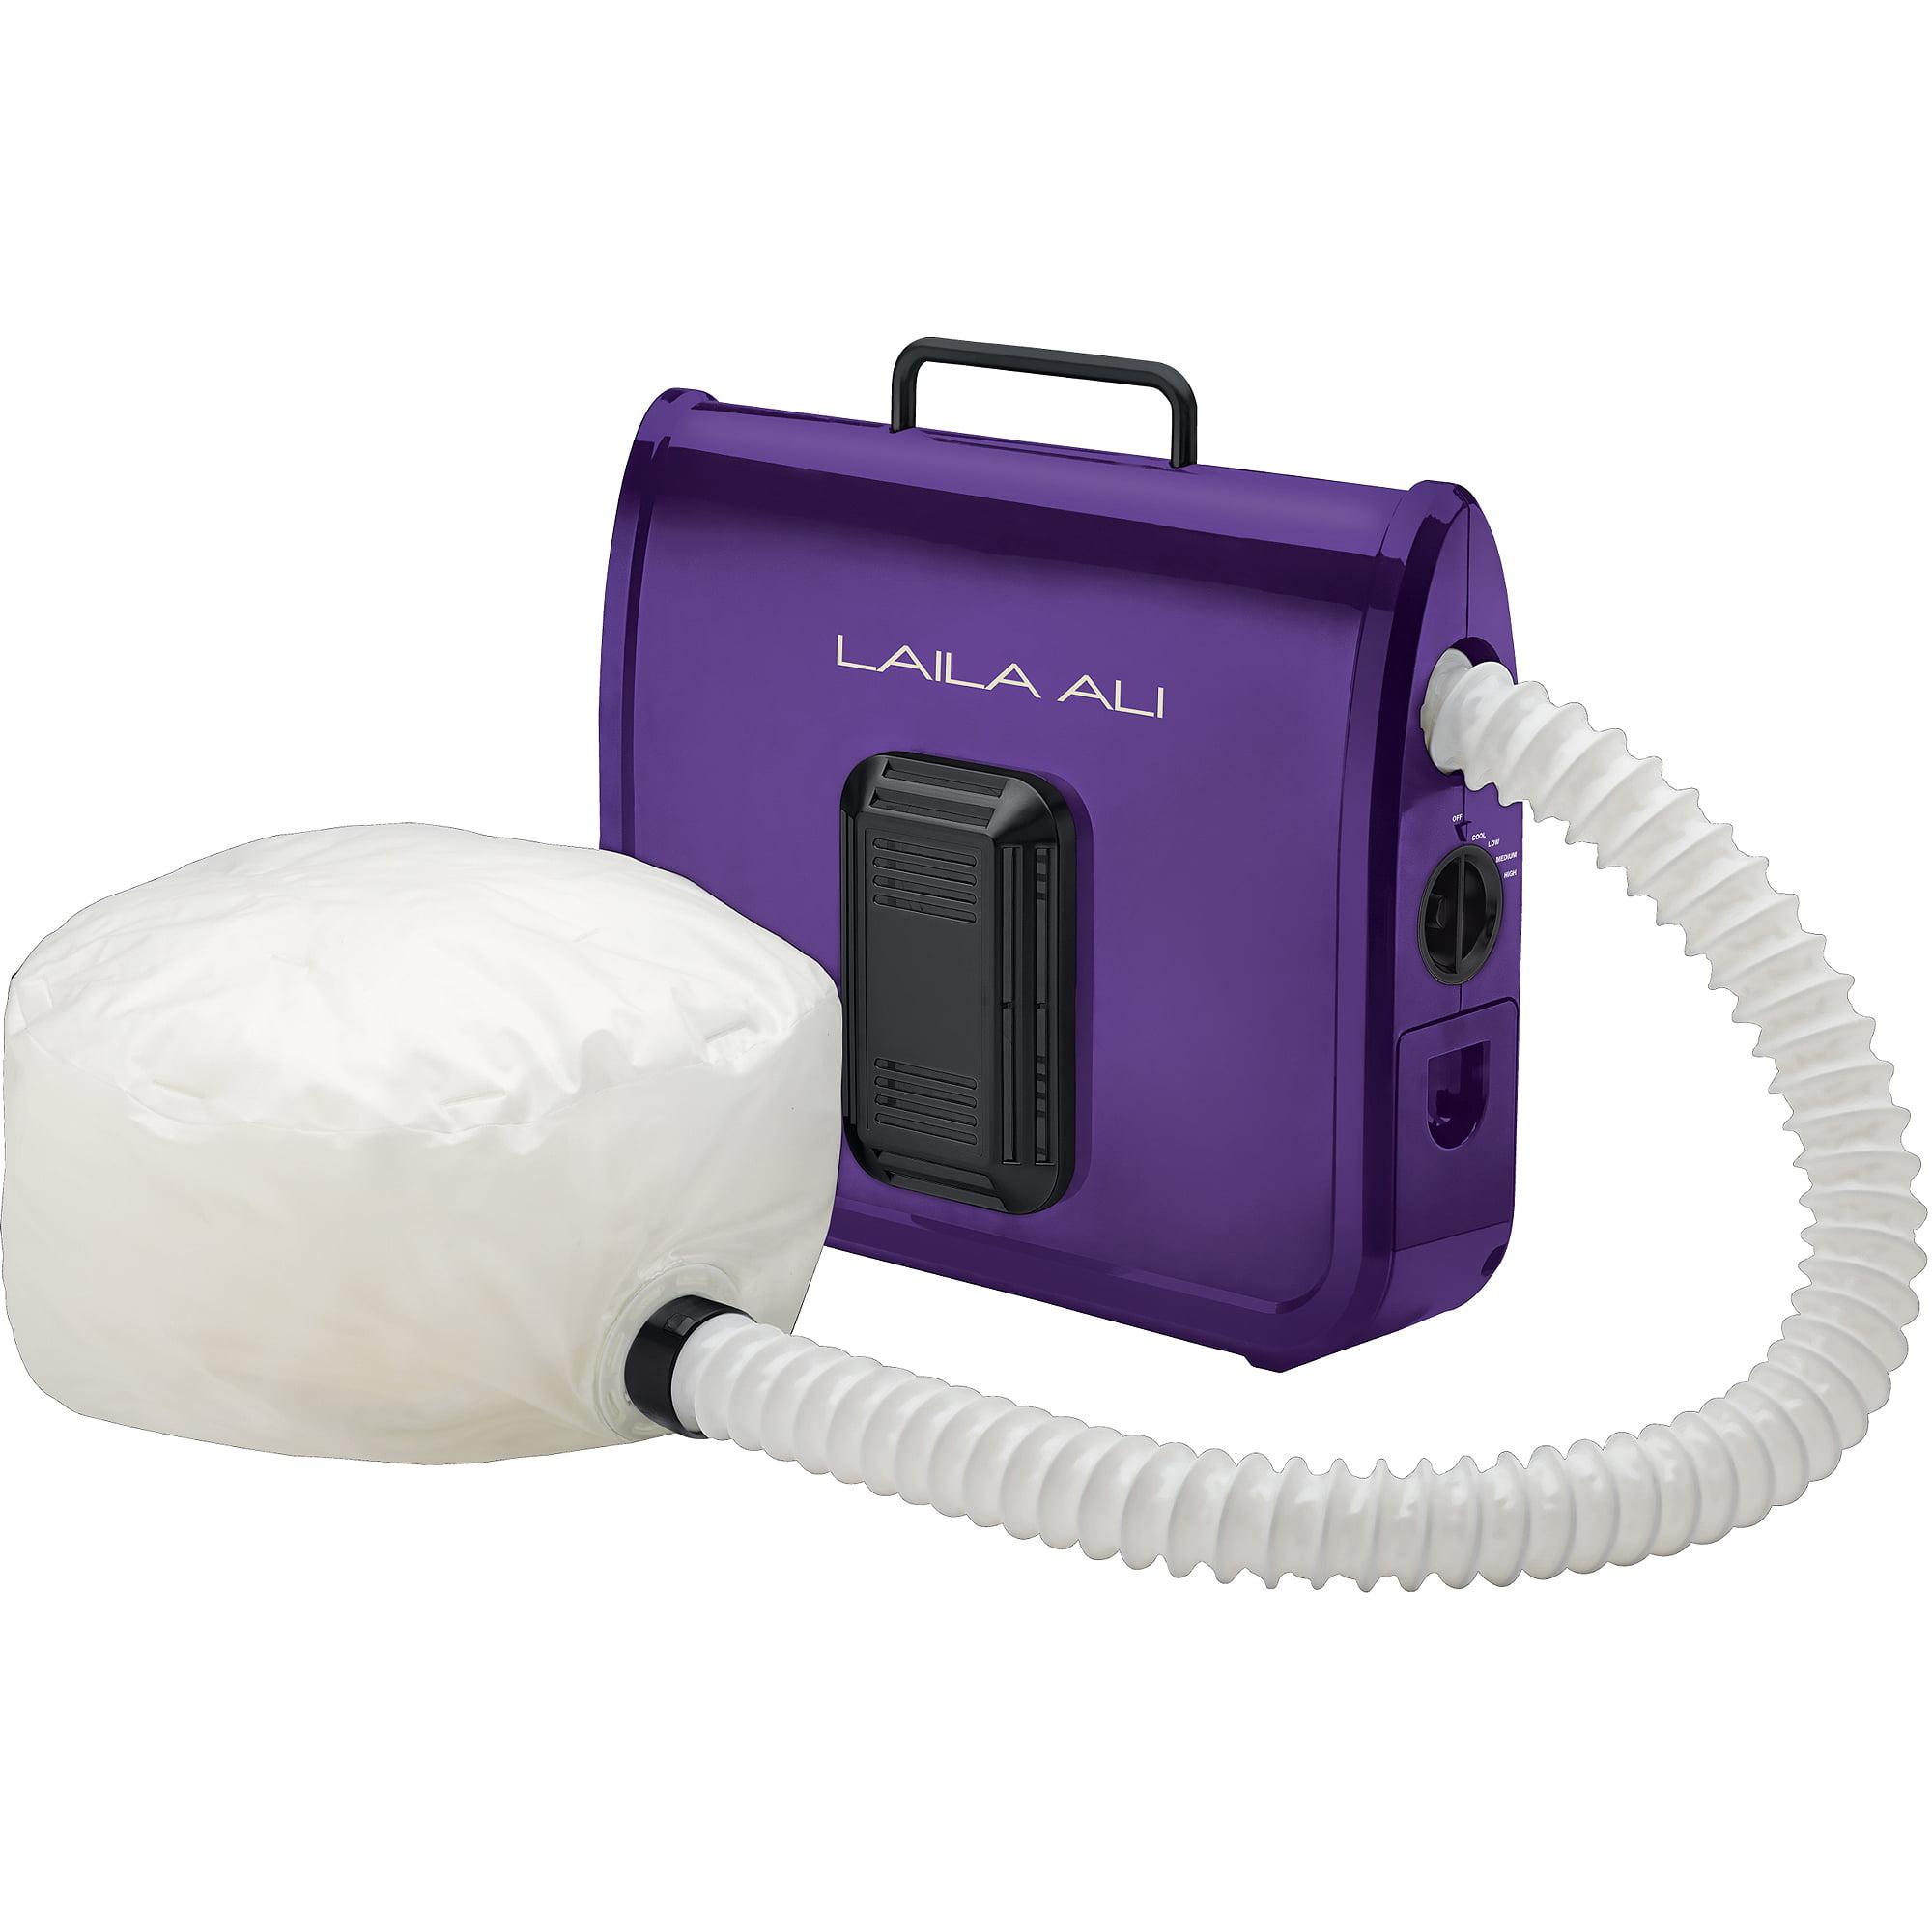 Laila Ali Ionic Soft Bonnet Hair Dryer, LADR5604